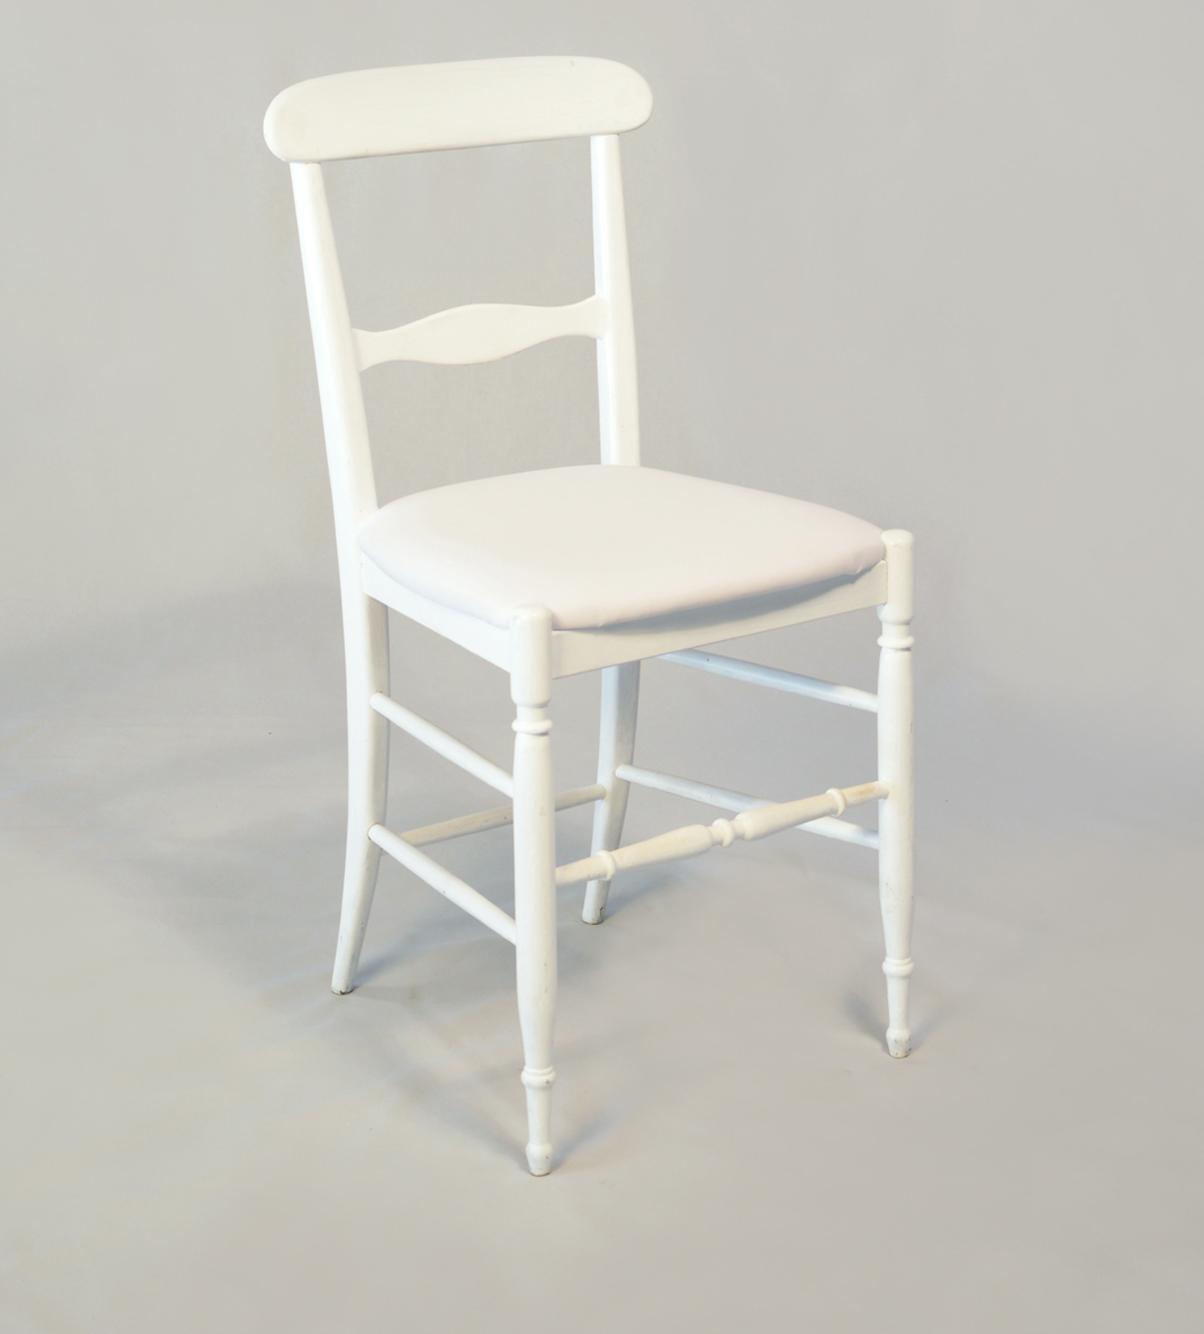 Louis ghost chair centro noleggio - Chiavarina sedia ...